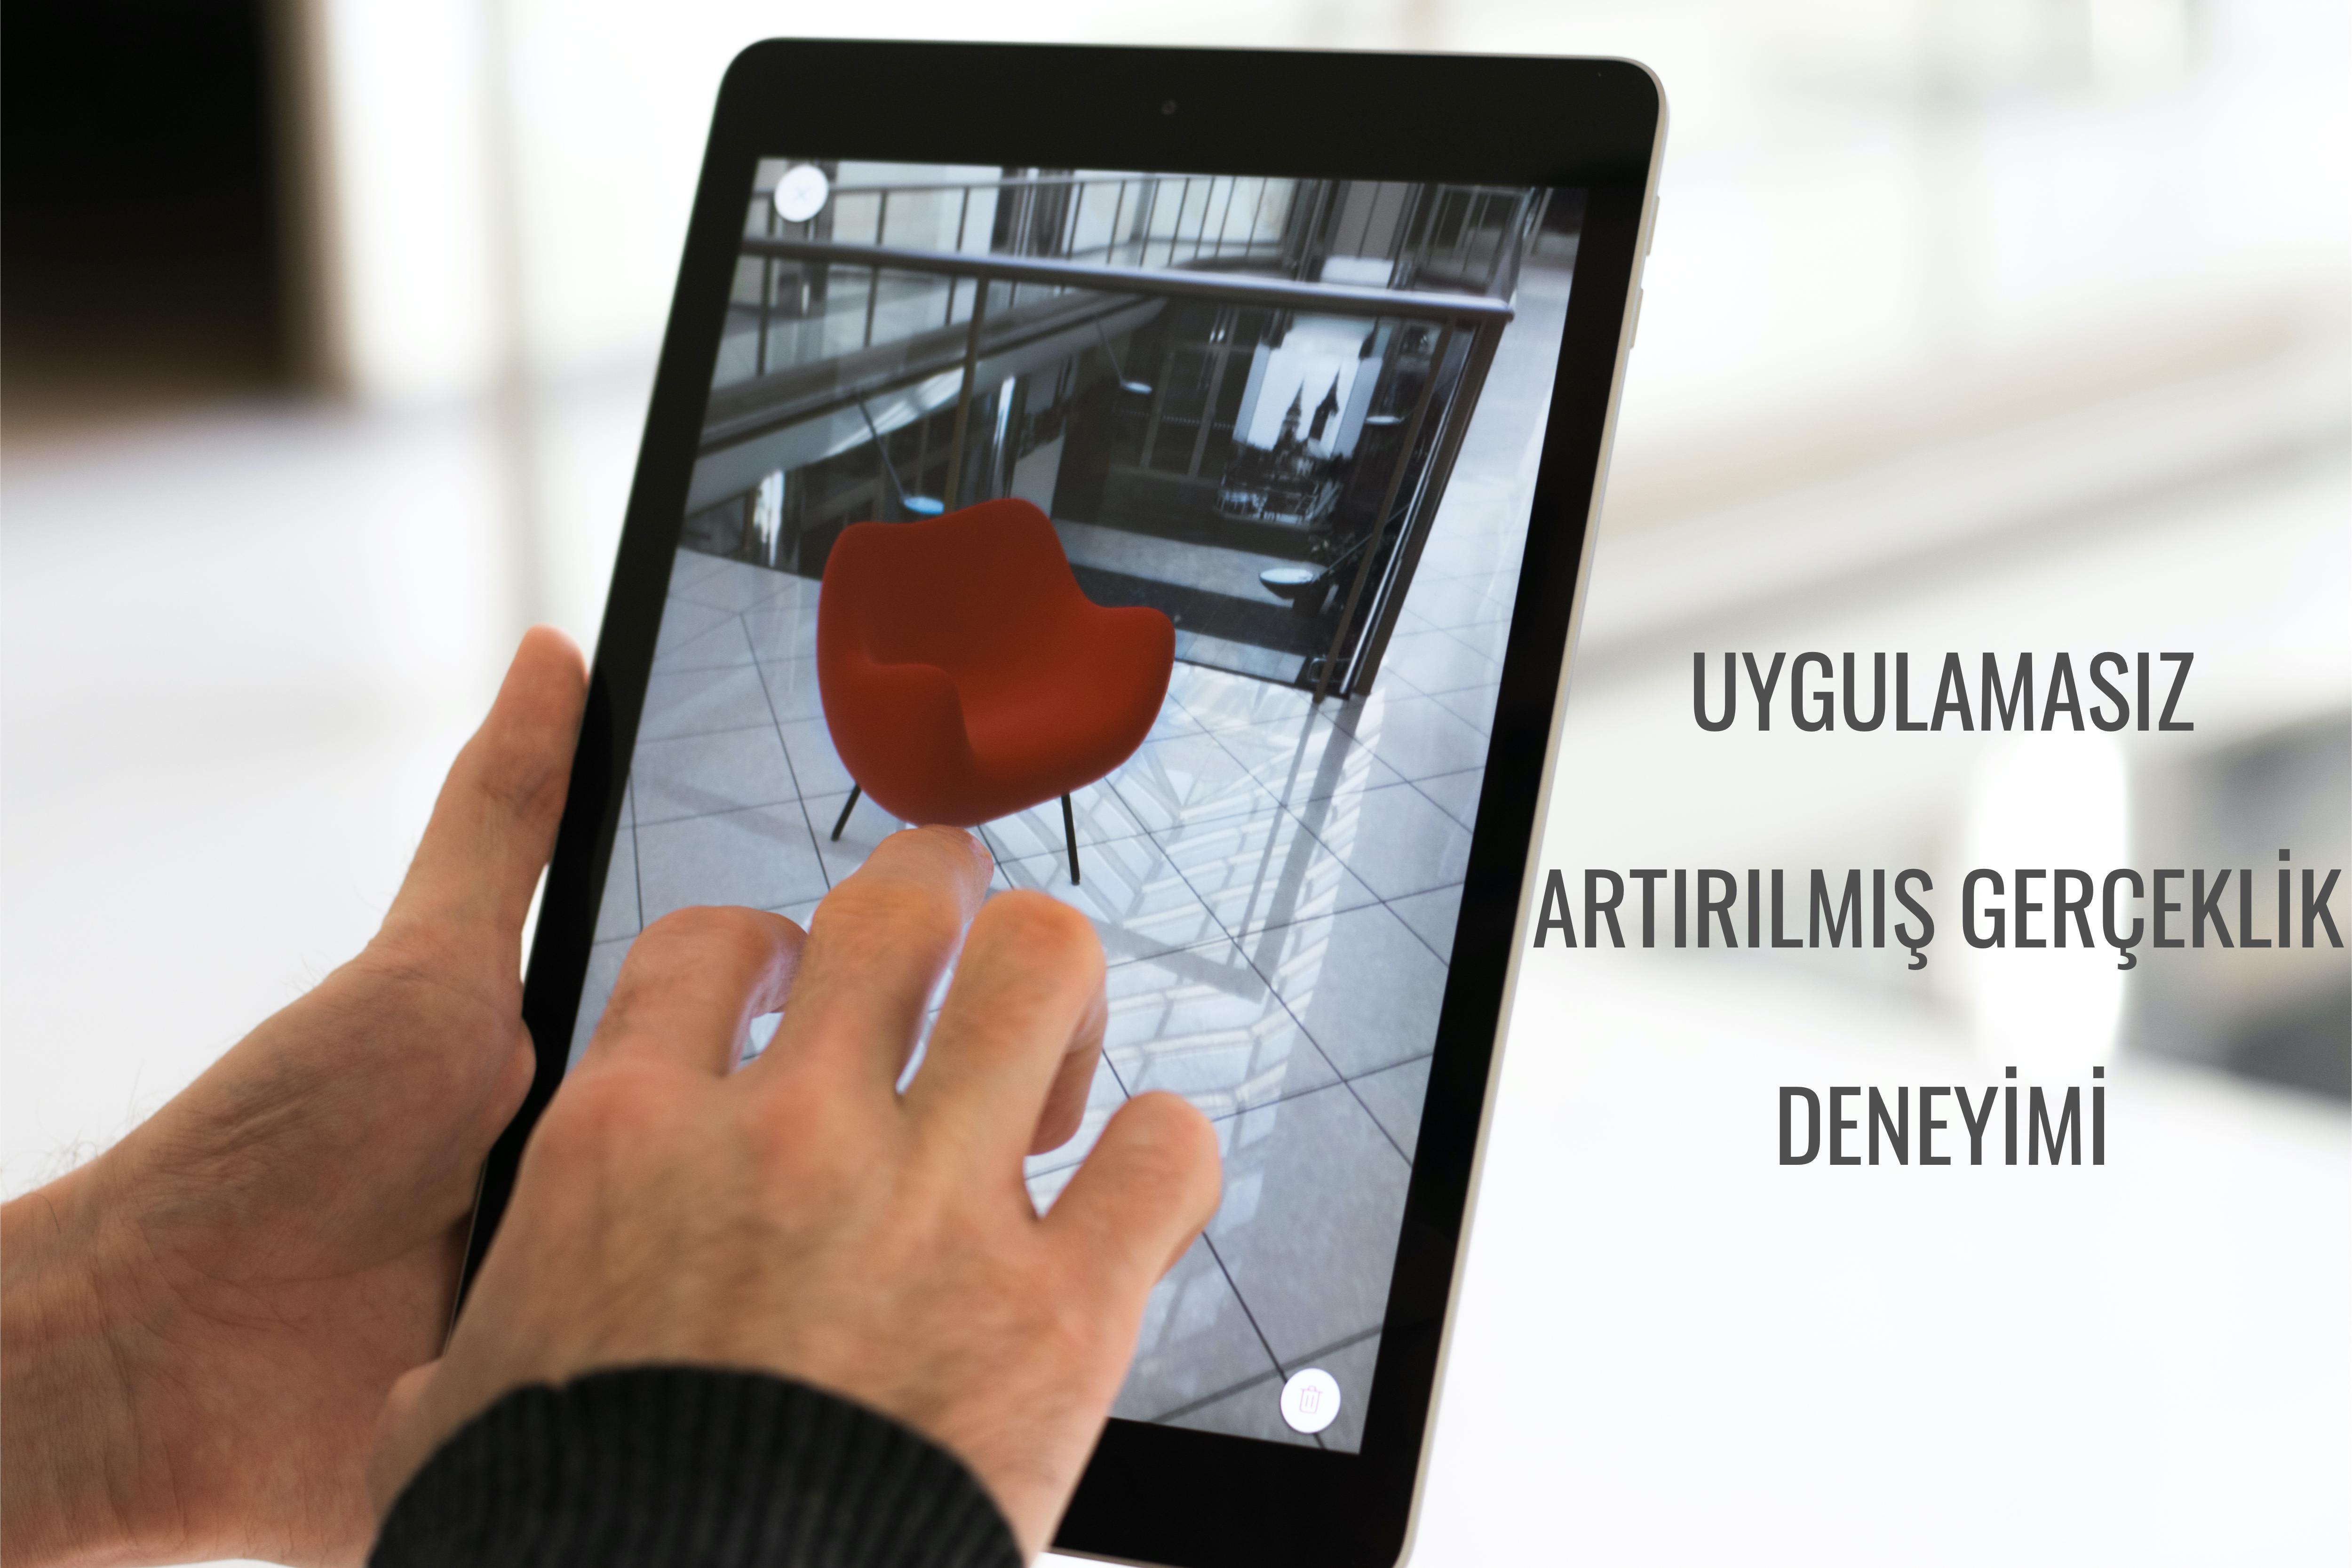 No app Required - Uygulamasız Artırılmış Gerçeklik Deneyimi